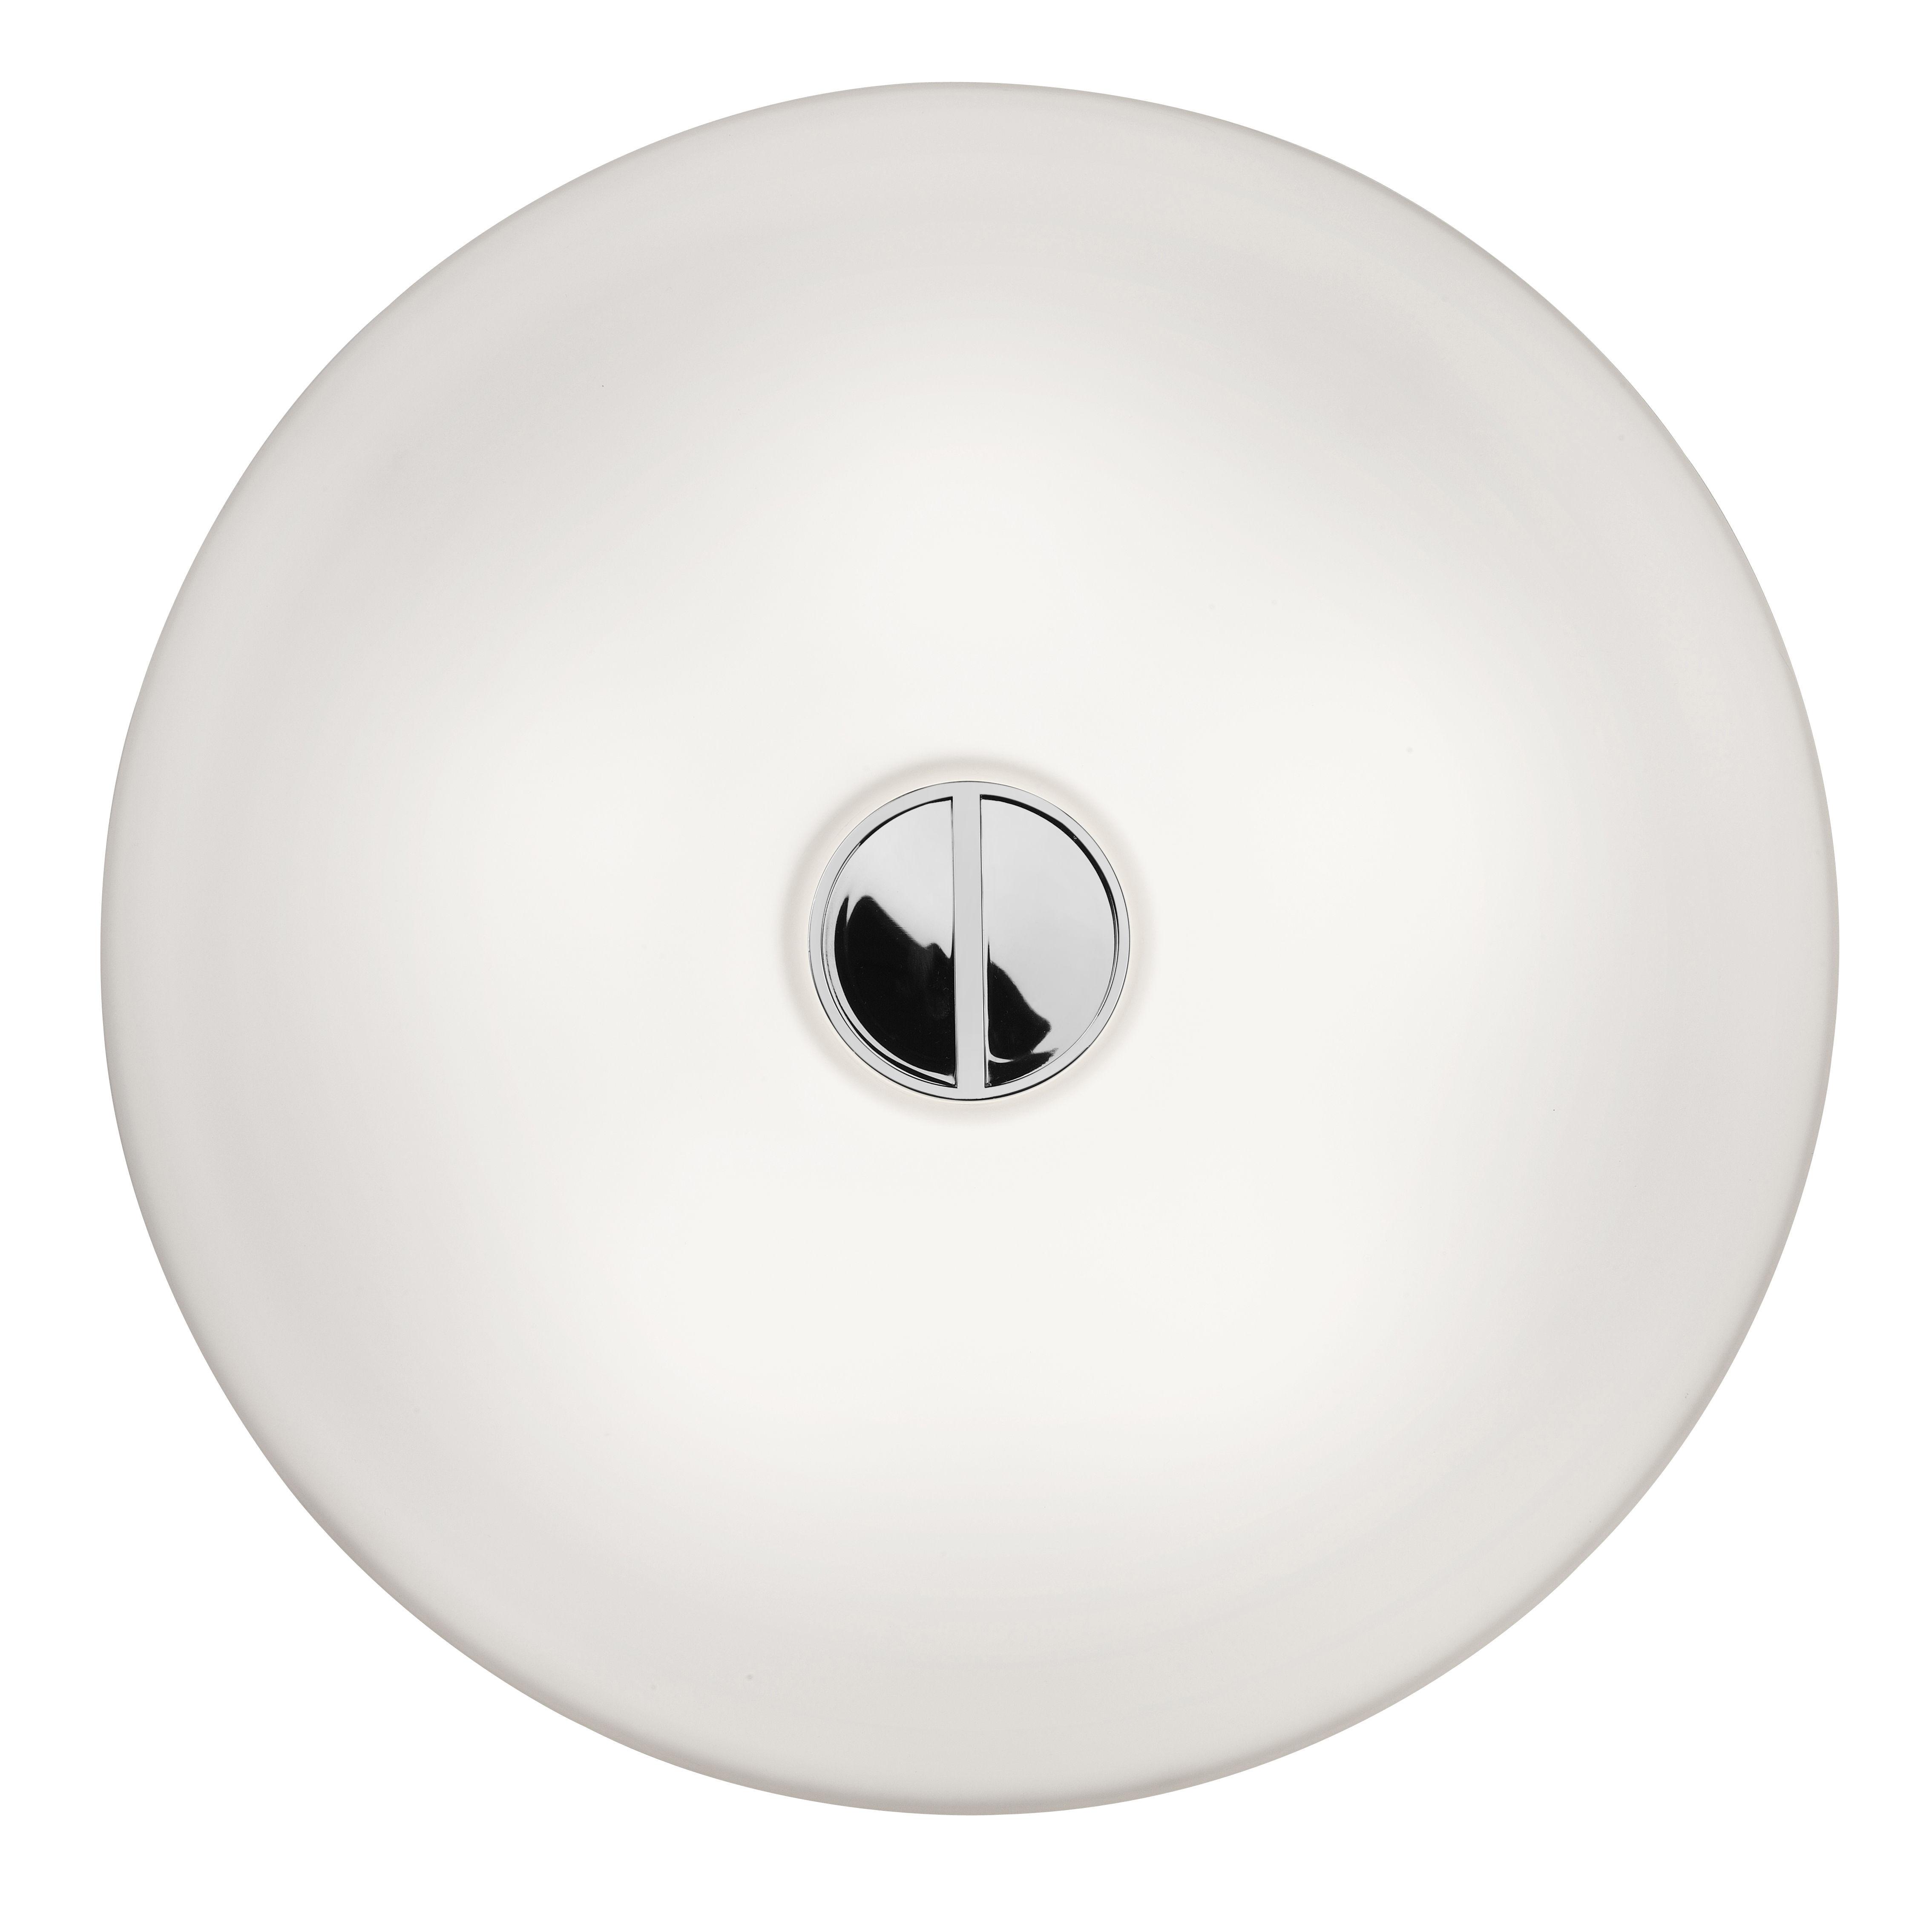 Luminaire - Appliques - Applique d'extérieur Mini Button Ø 14 cm - Polycarbonate - Flos - Blanc - Polycarbonate